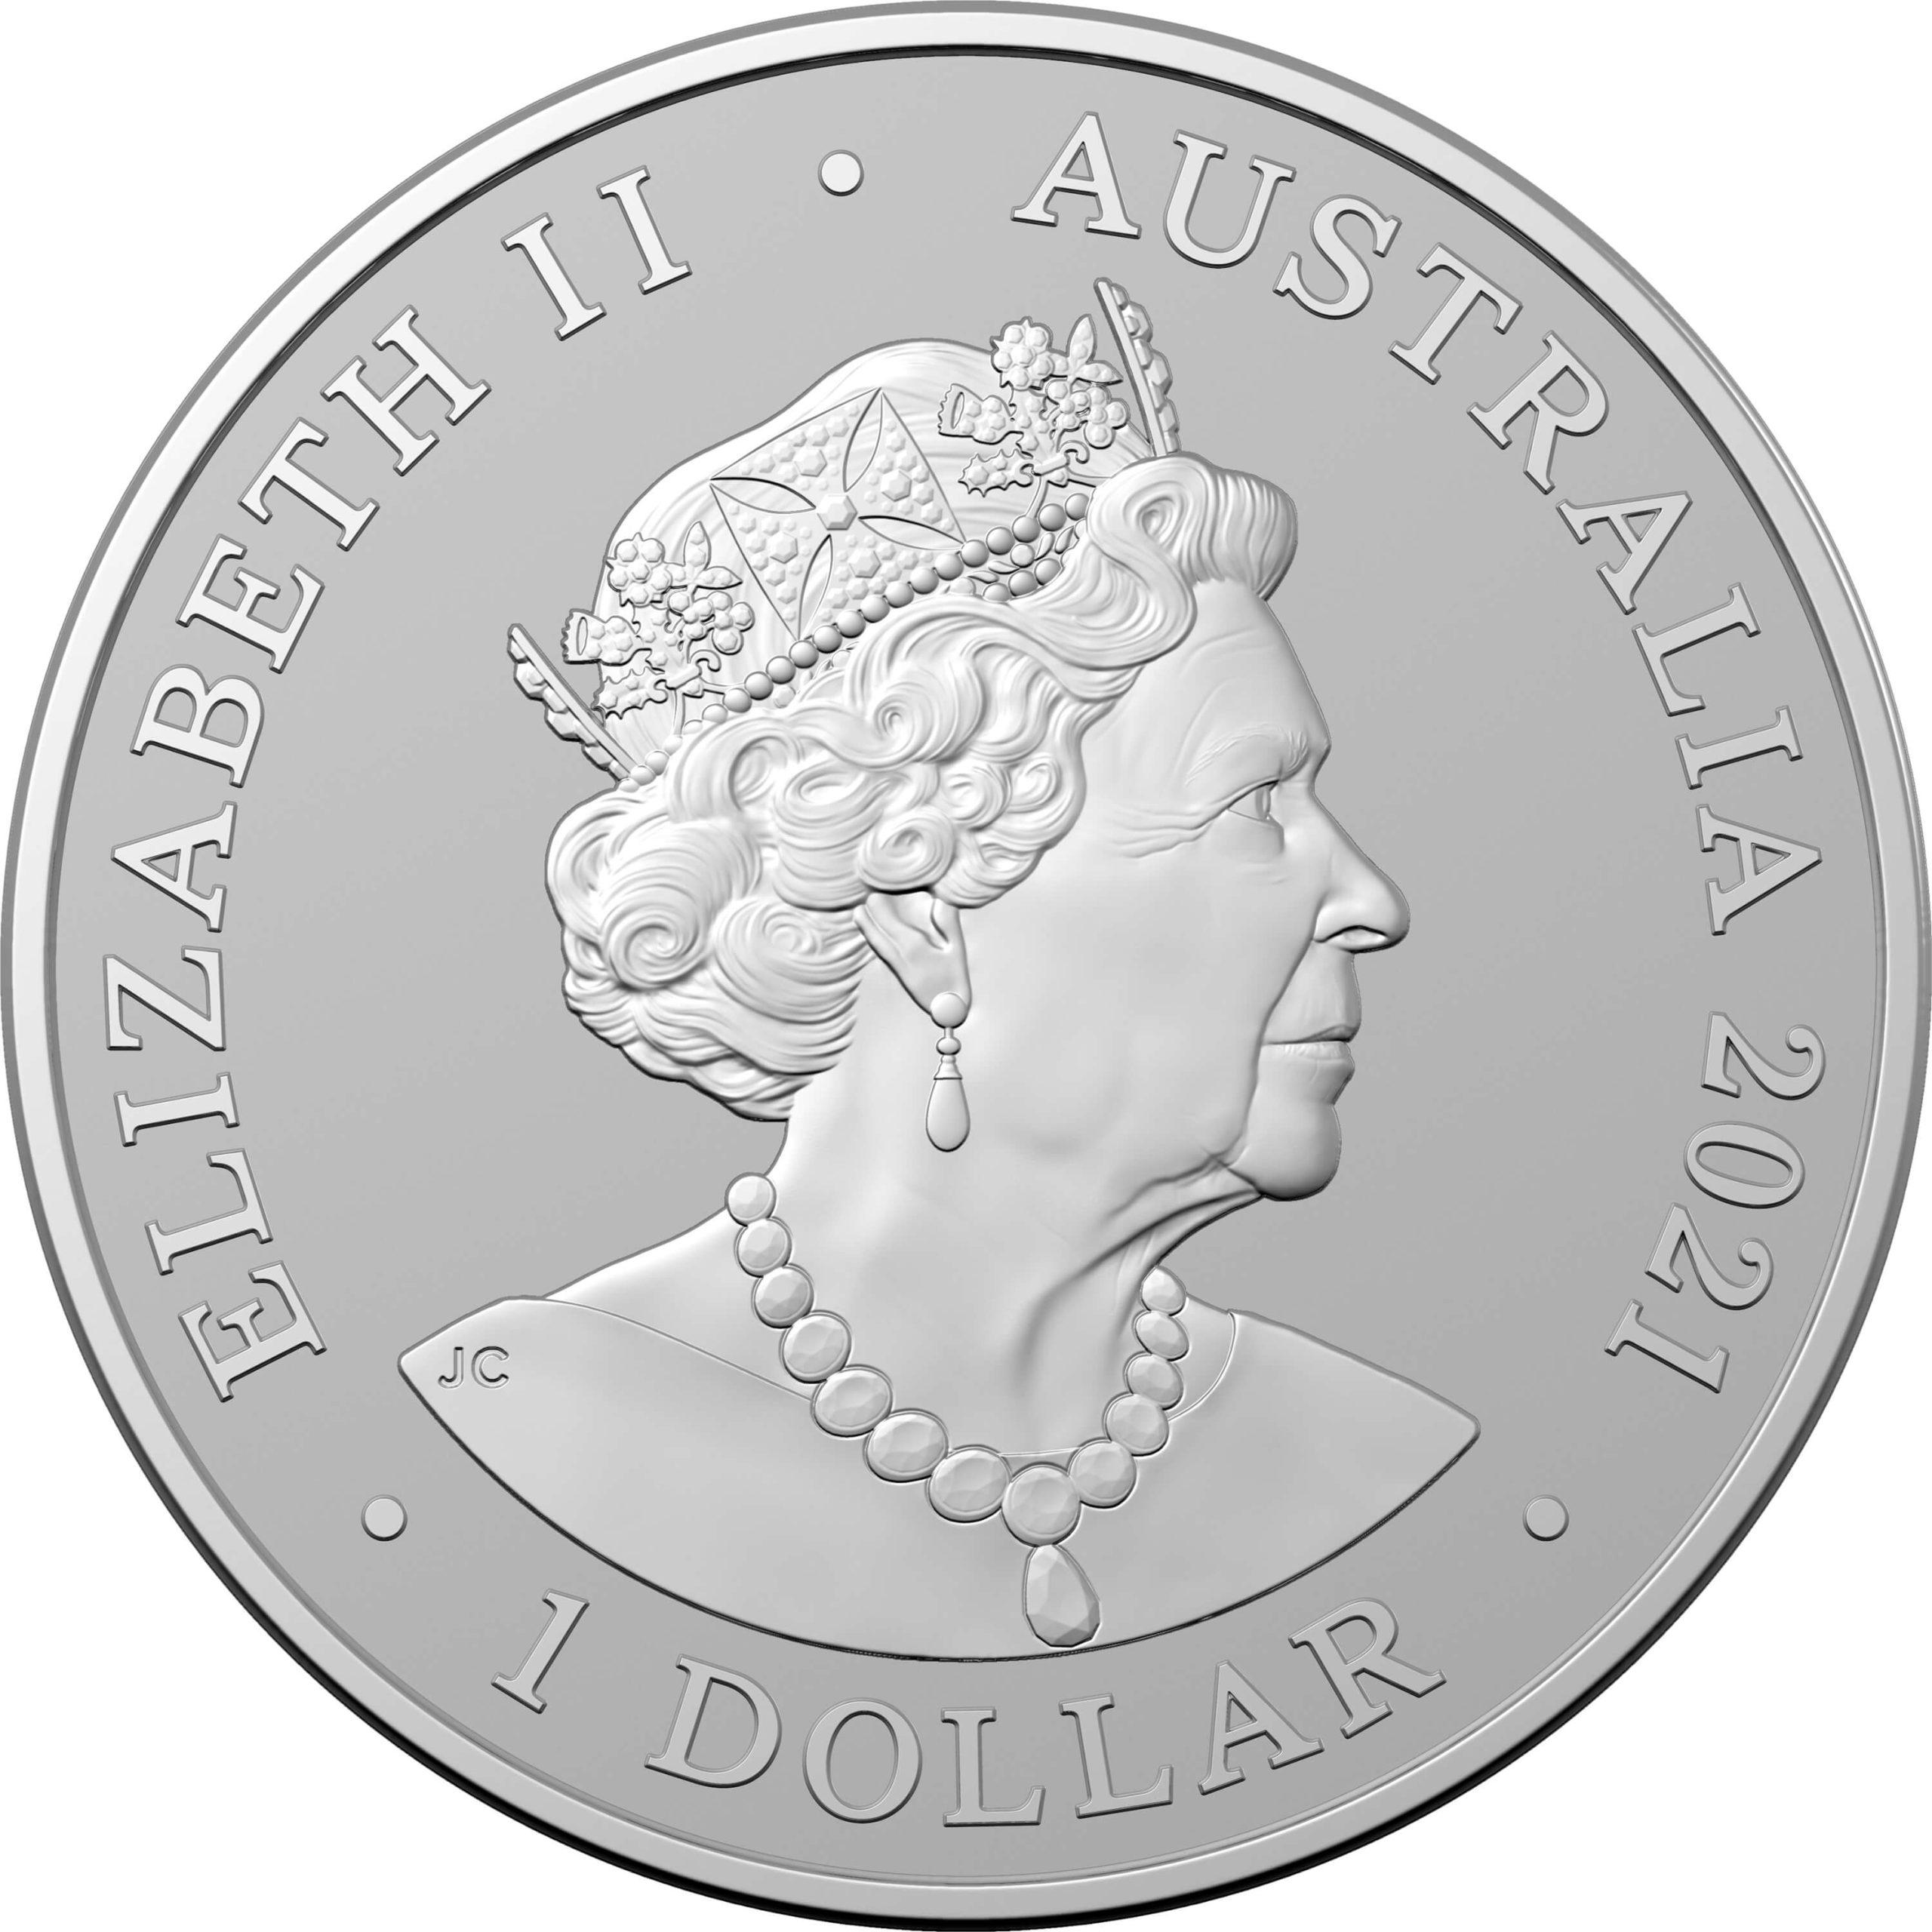 2021 $1 Australia Zoo Series - Cheetah 1oz .999 Silver Bullion Coin 2